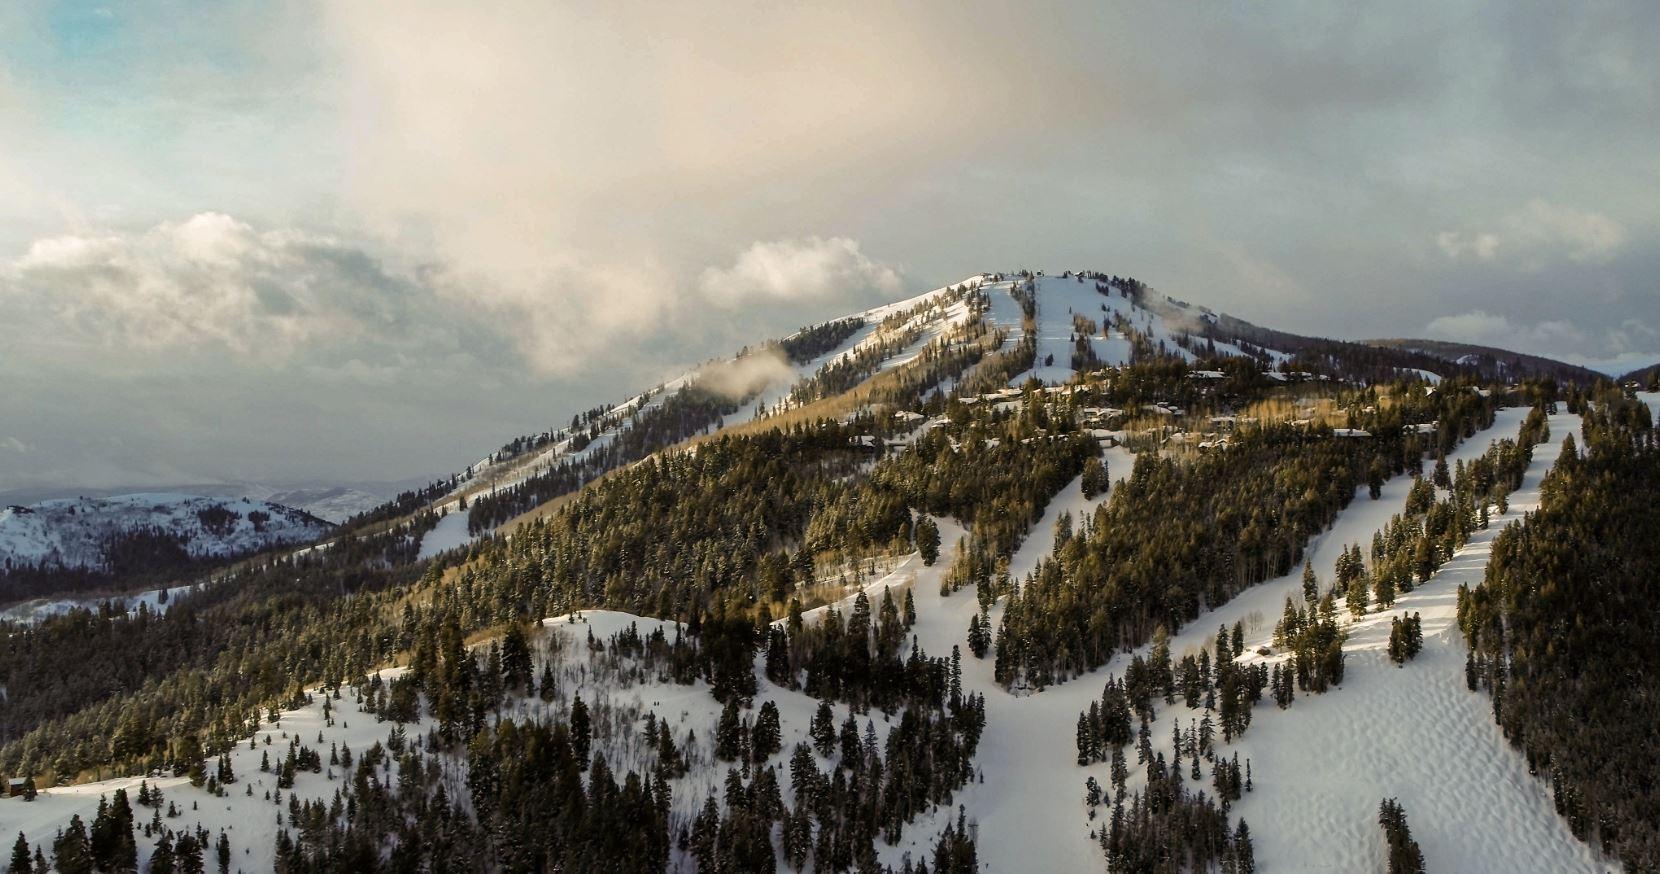 Deer Valley Resort in Park City, Utah